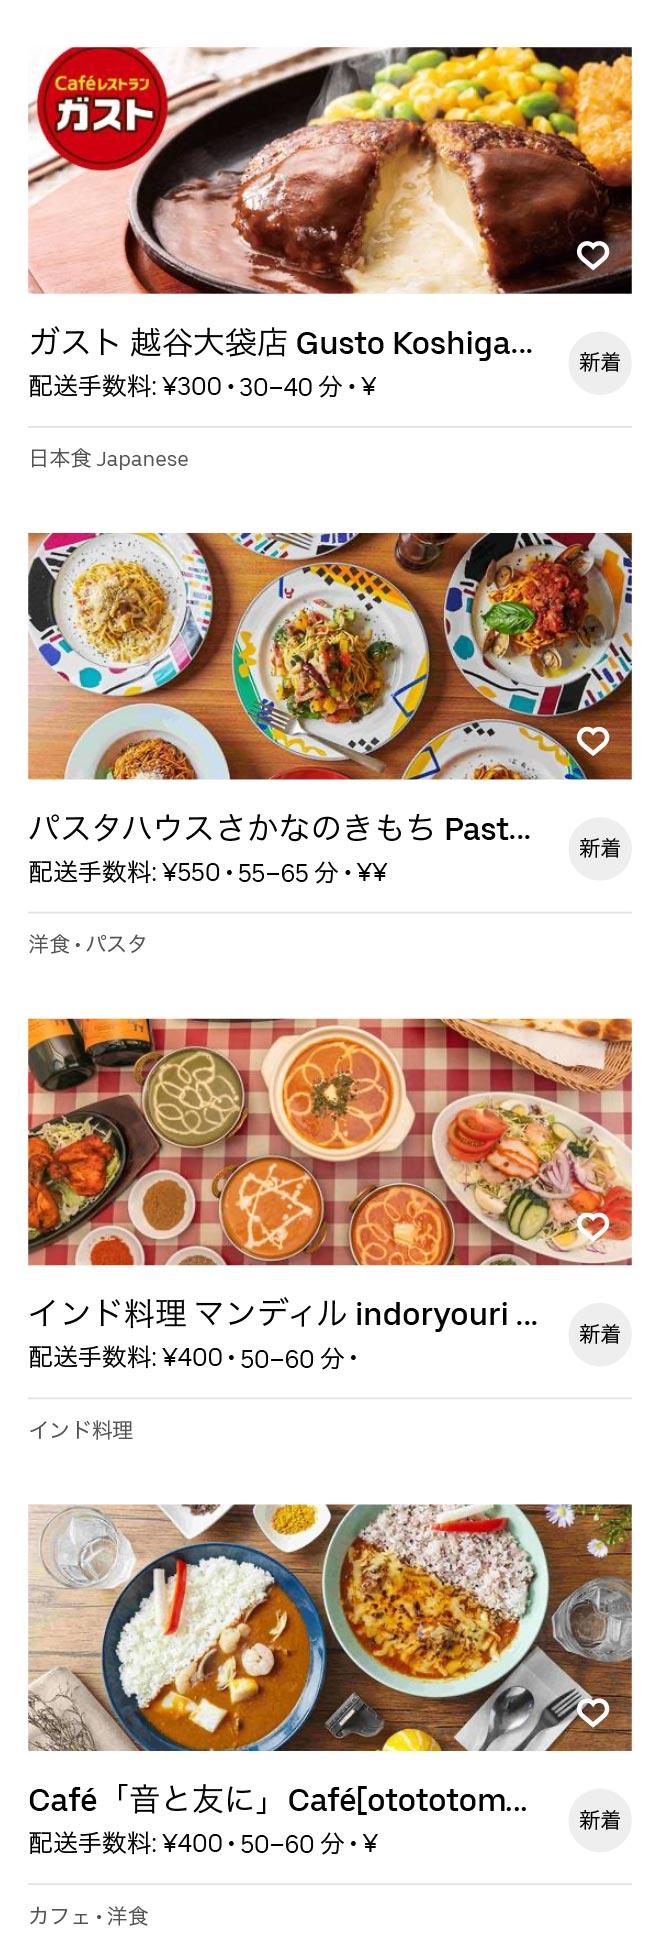 Takesato menu 2009 04